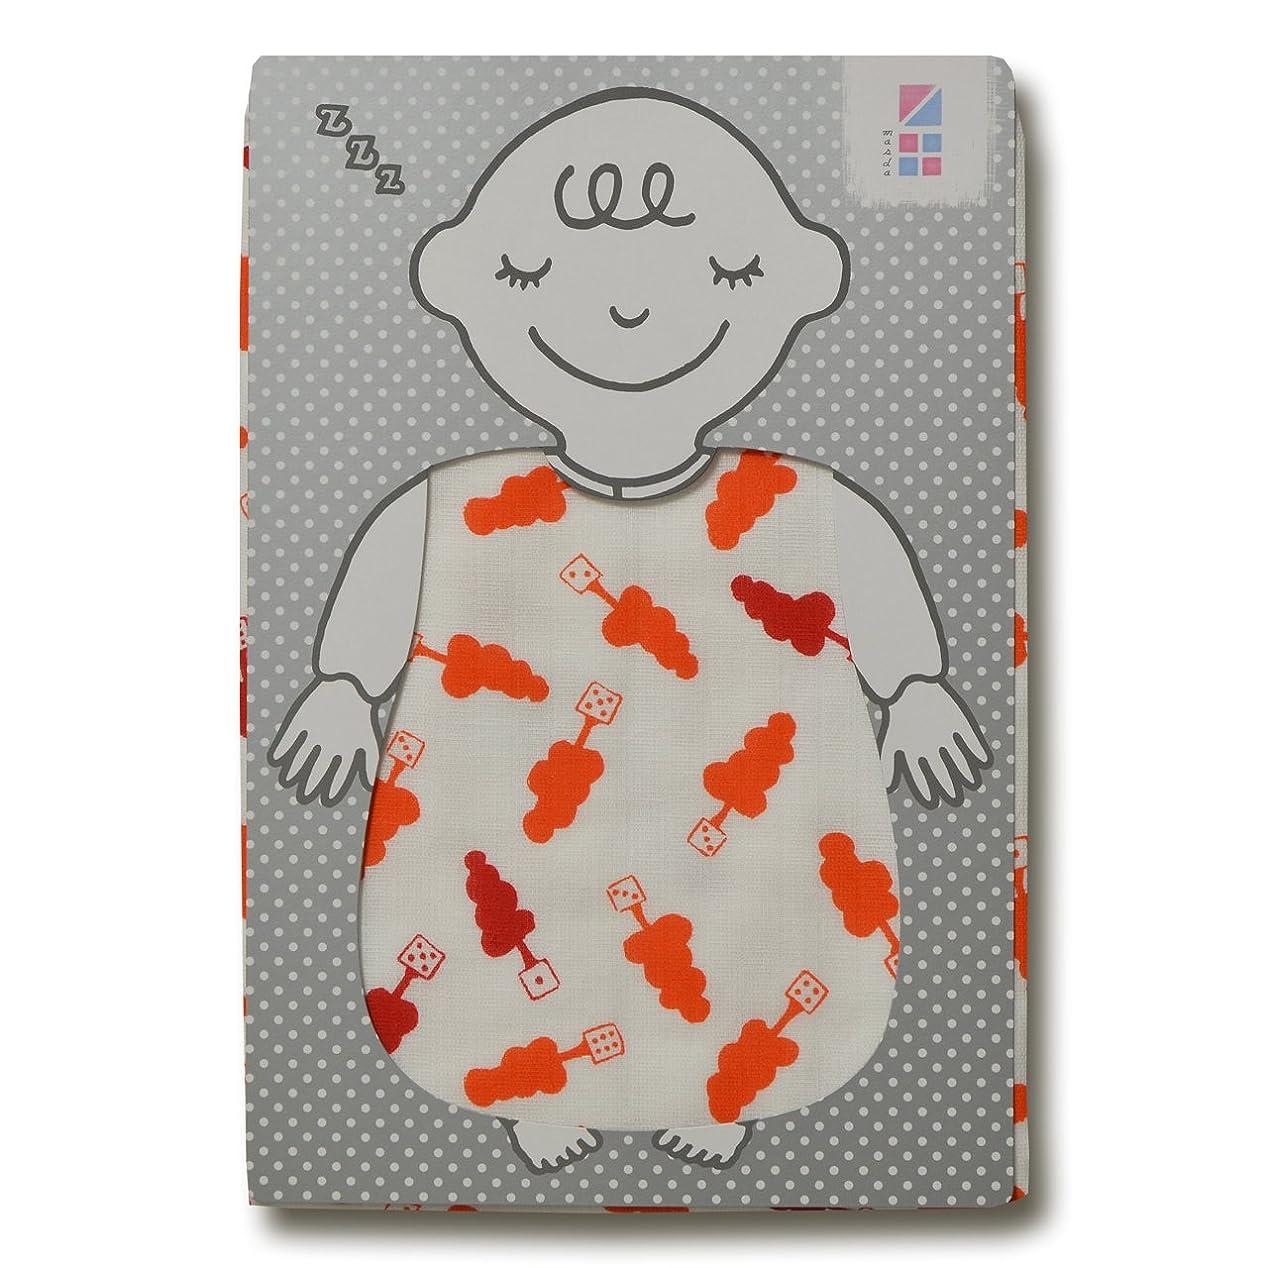 良い規定放射能めんぷます田 赤ちゃんのガーゼスリーパー 大好き(レッド) 新生児~100cmくらいまで 綿100%日本製